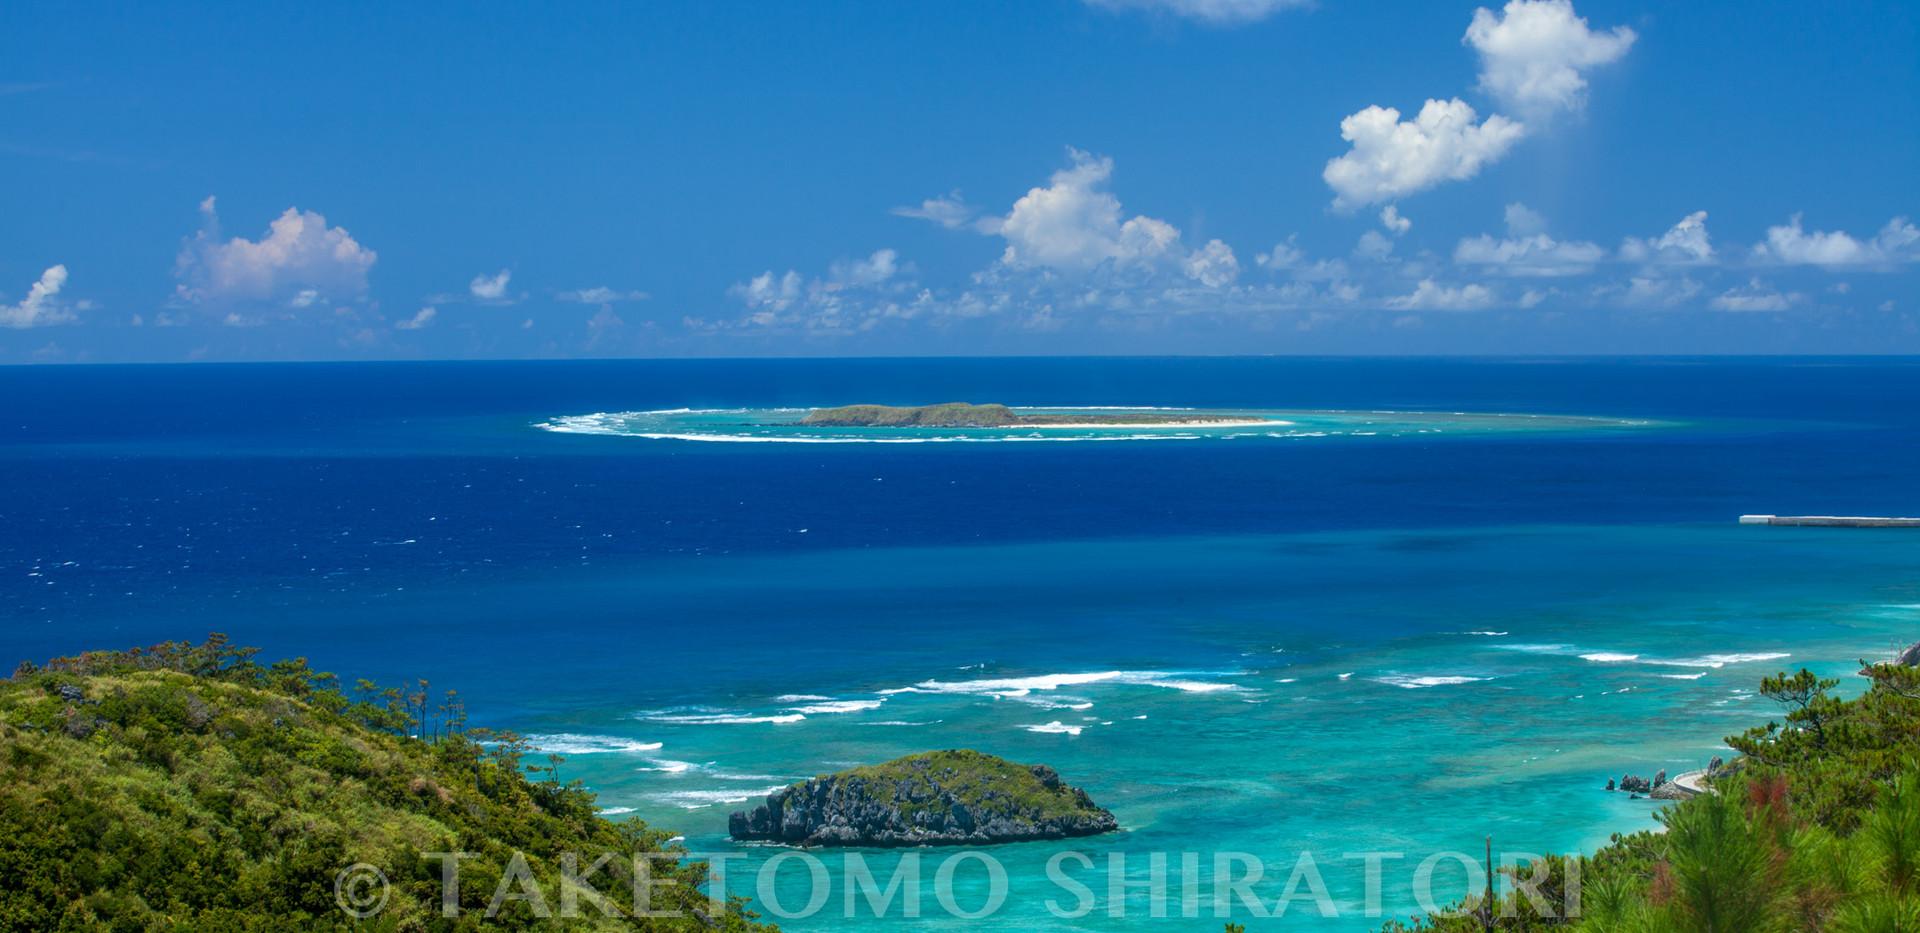 真夏の入砂島(渡名喜島)